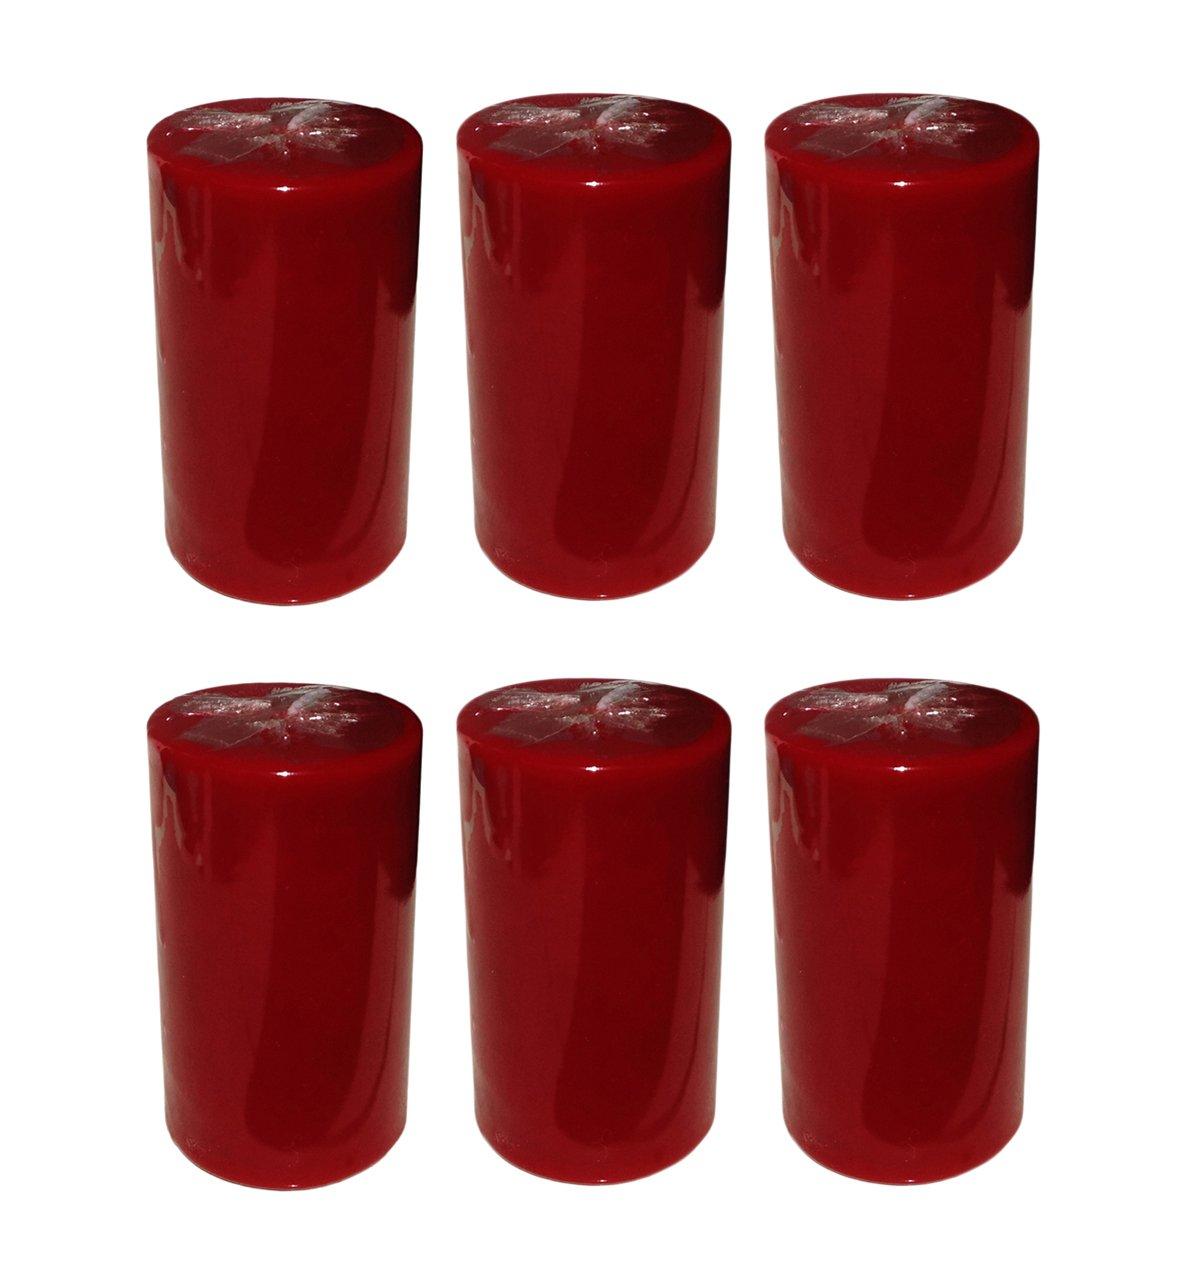 Collumino Vin Rouge Bougies pilier 40H de couleur unie Taille 10x 5.5cm, Red, Lot de 6